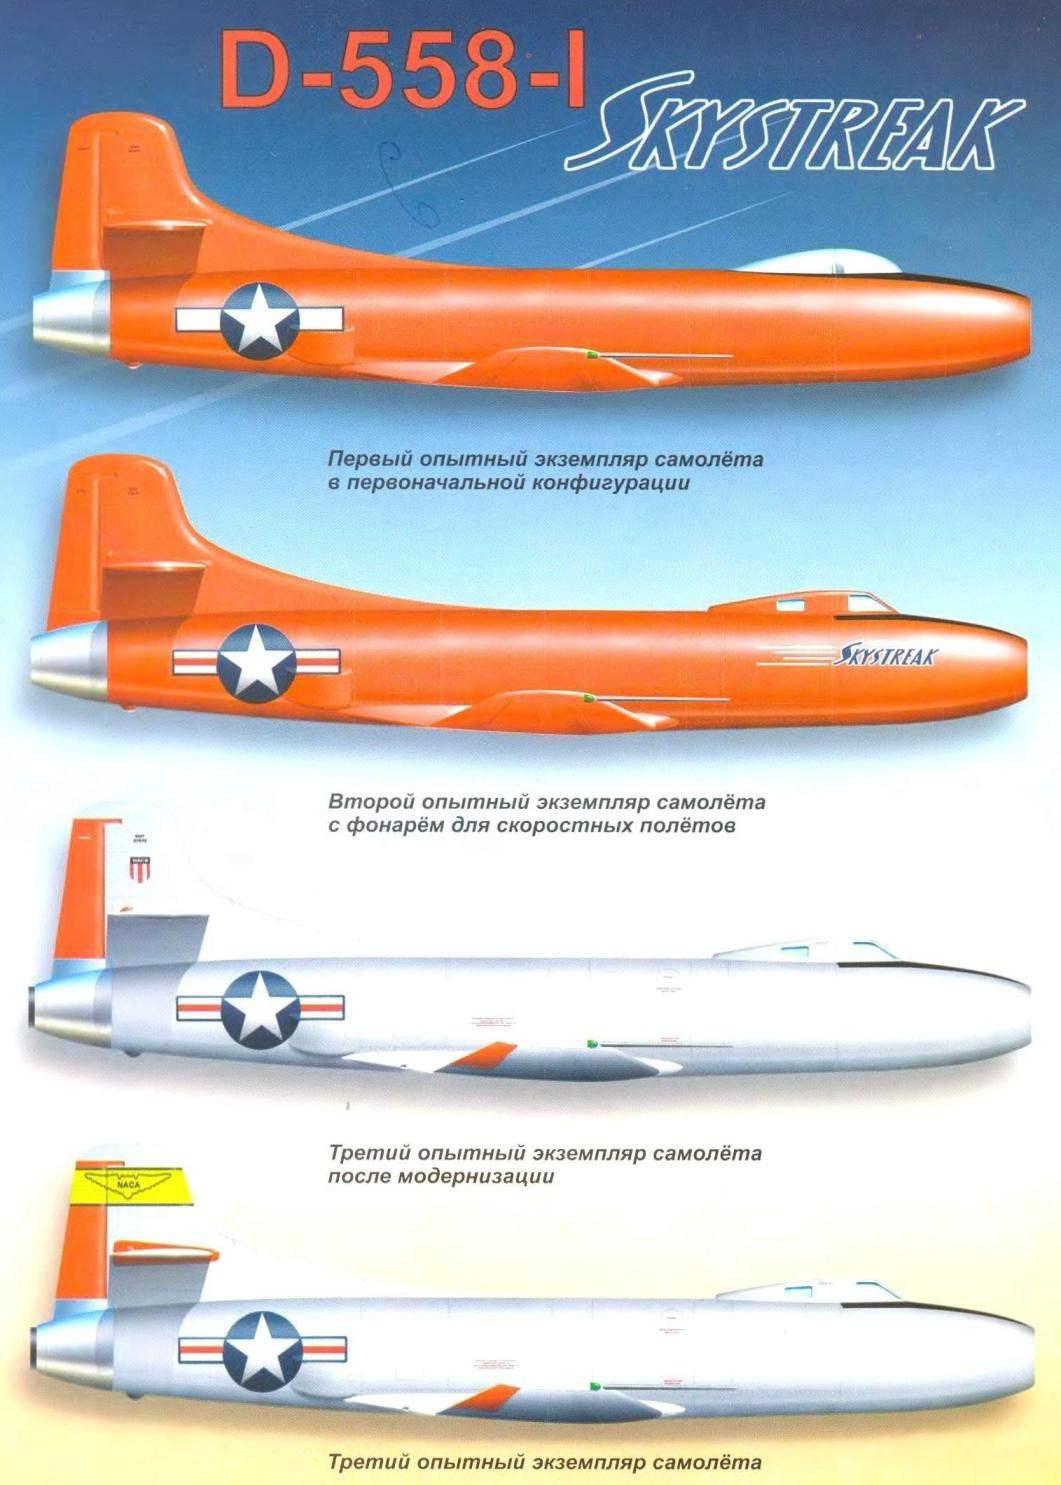 Experimental aircraft D-558-I